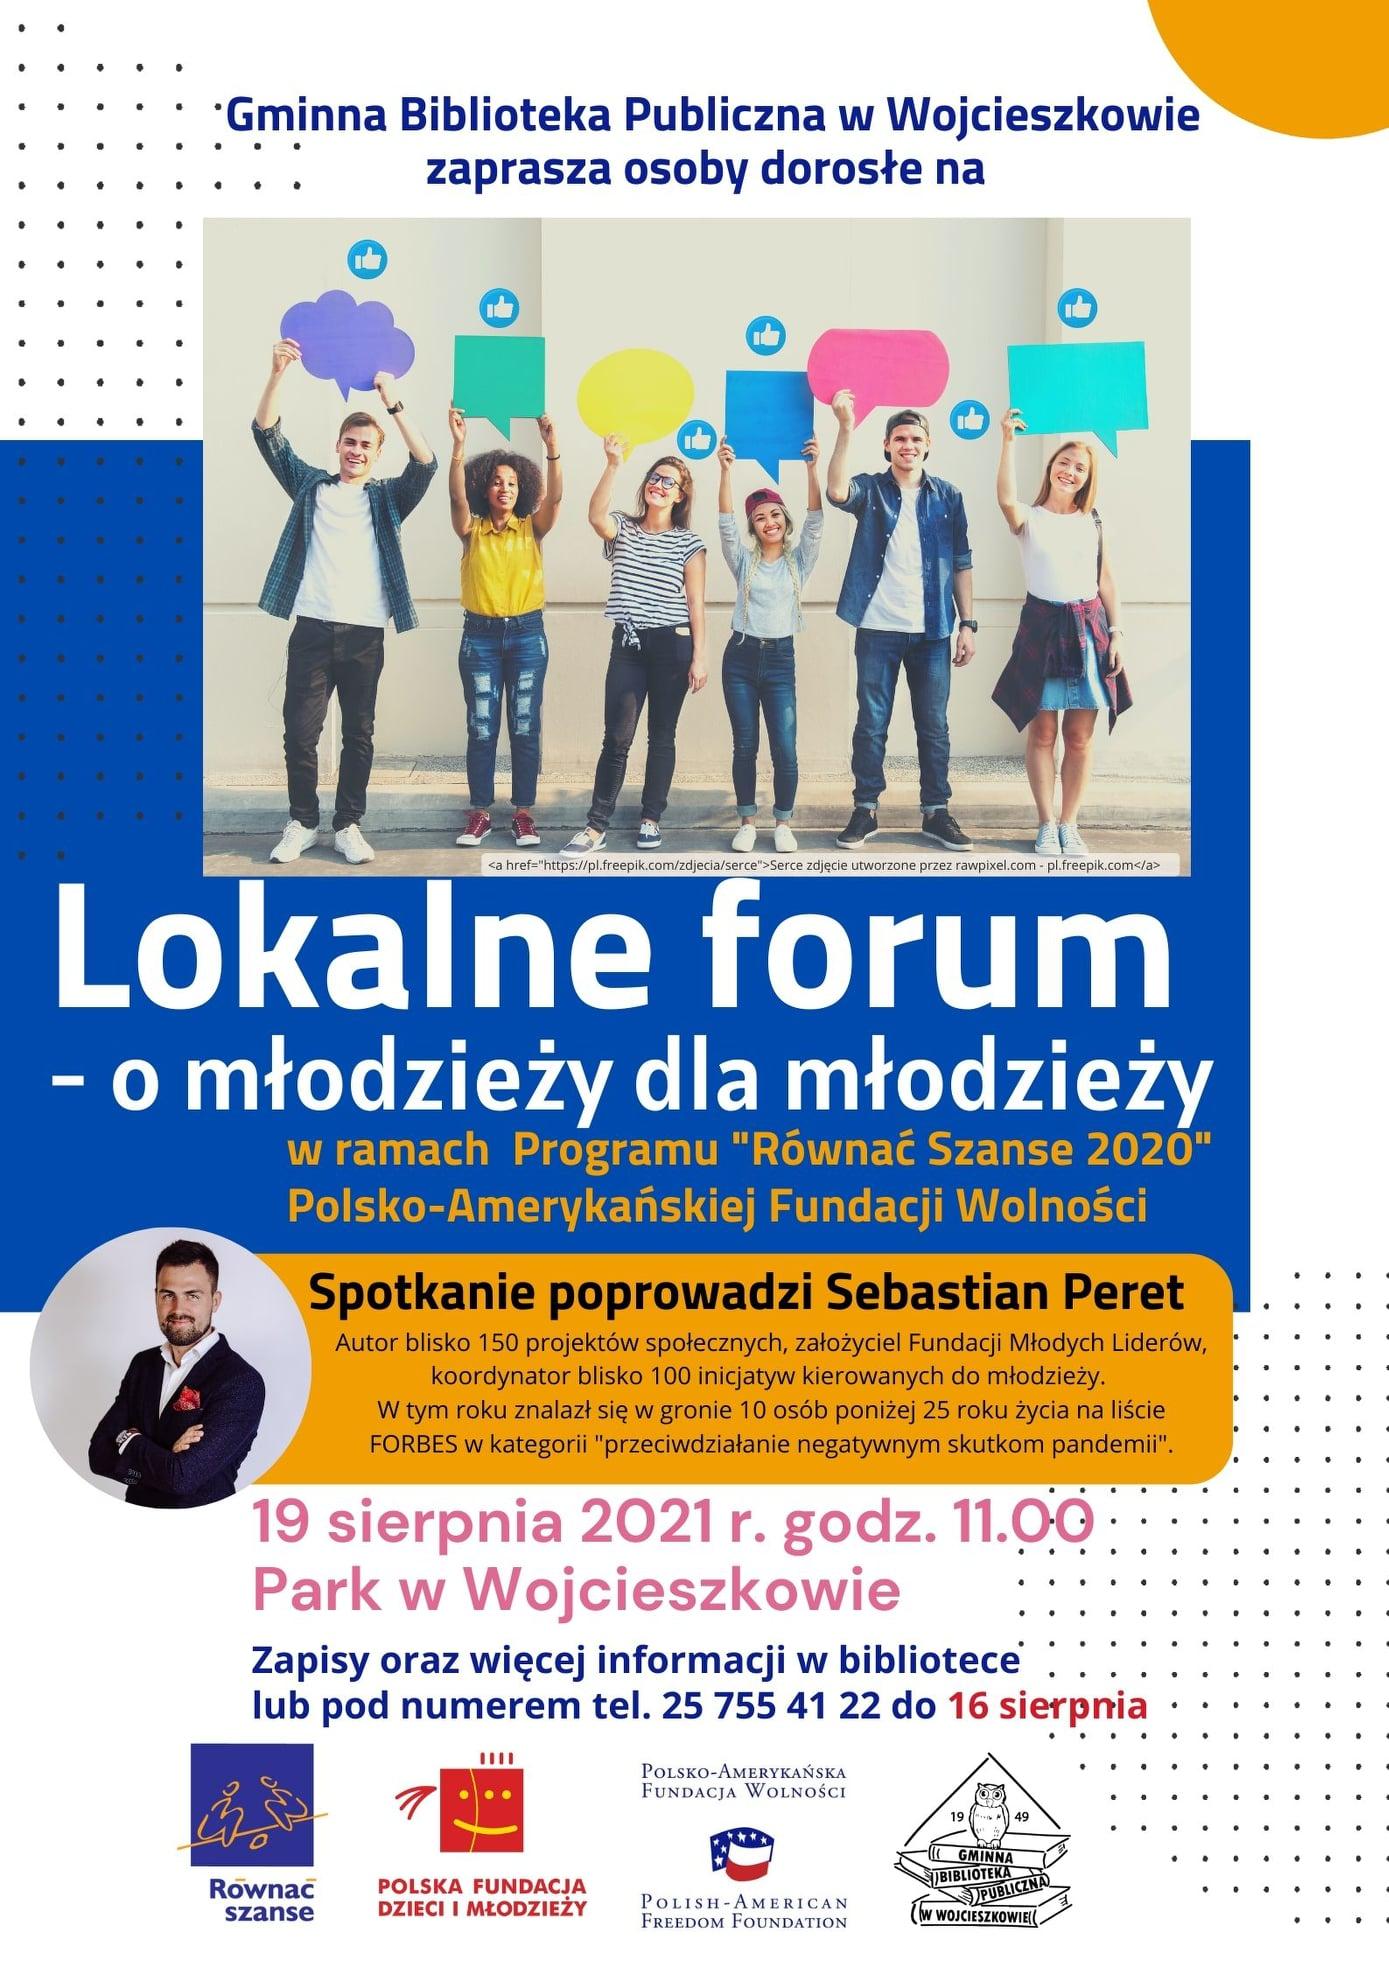 """GM. WOJCIESZKÓW  Forum w ramach Programu """"Równać Szanse"""". """"Lokalne forum - o młodzieży dla młodzieży"""" - Zdjęcie główne"""